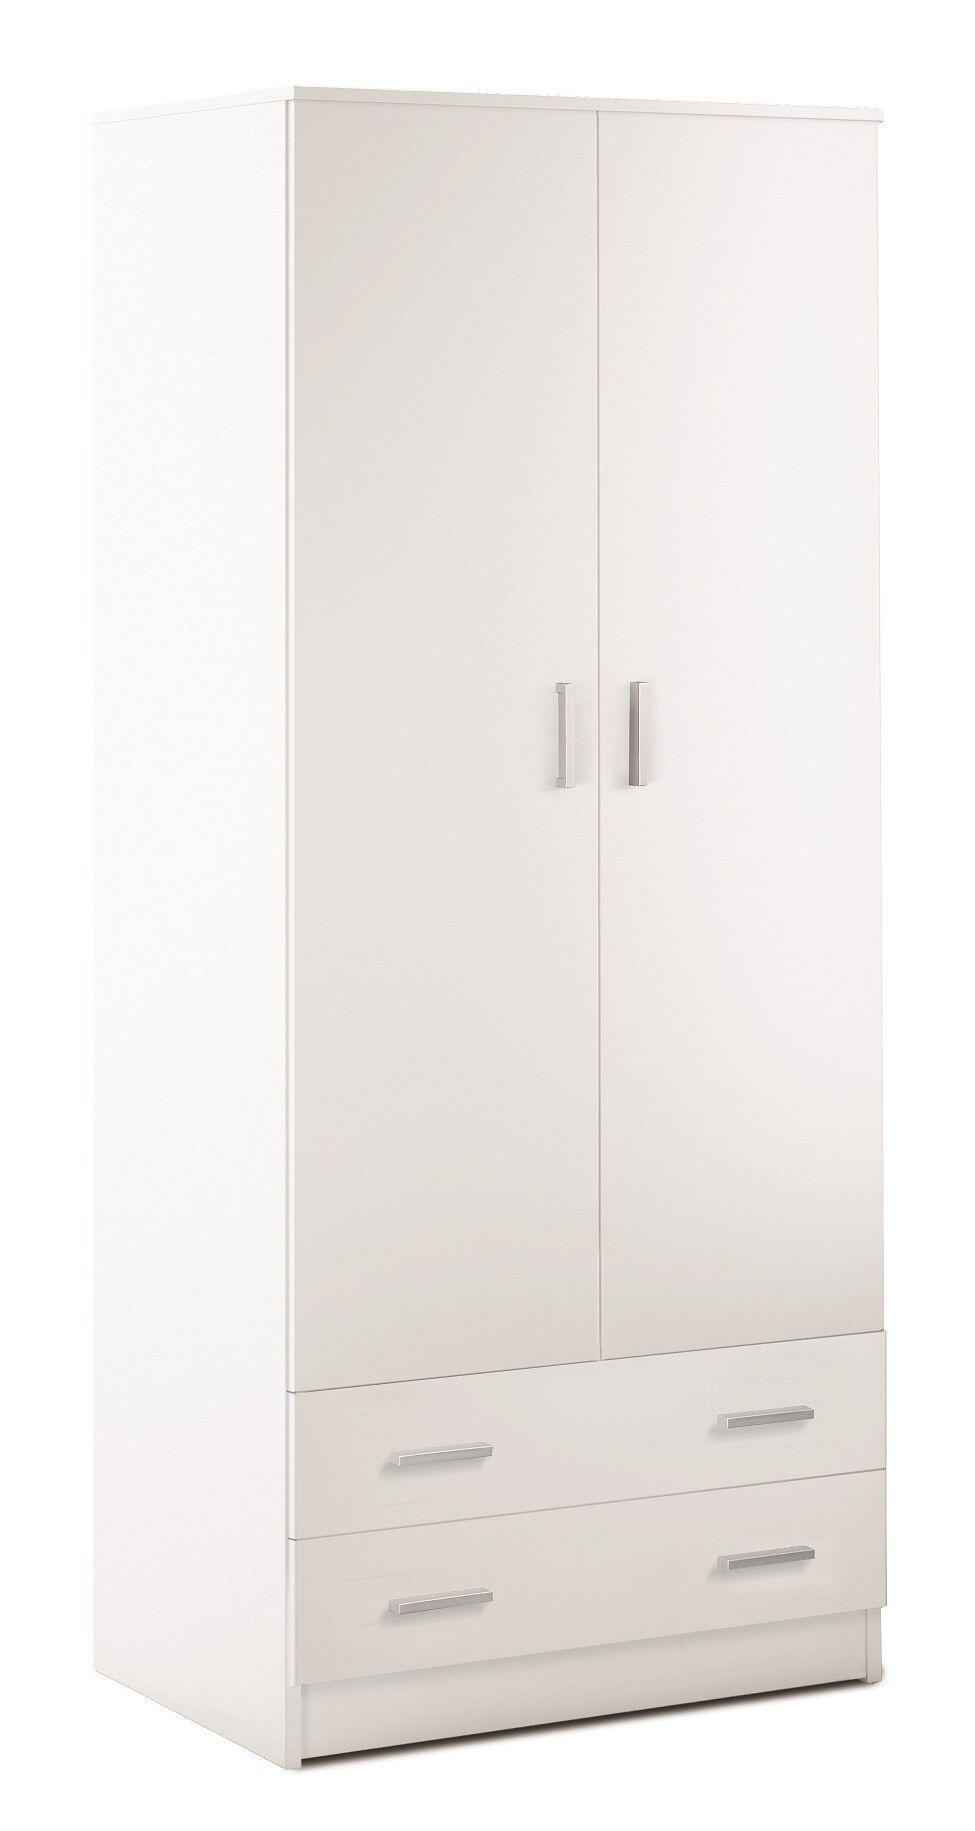 CAESAROO Armoire 77xH182 cm blanc mat avec deux portes et deux tiroirs   Blanc